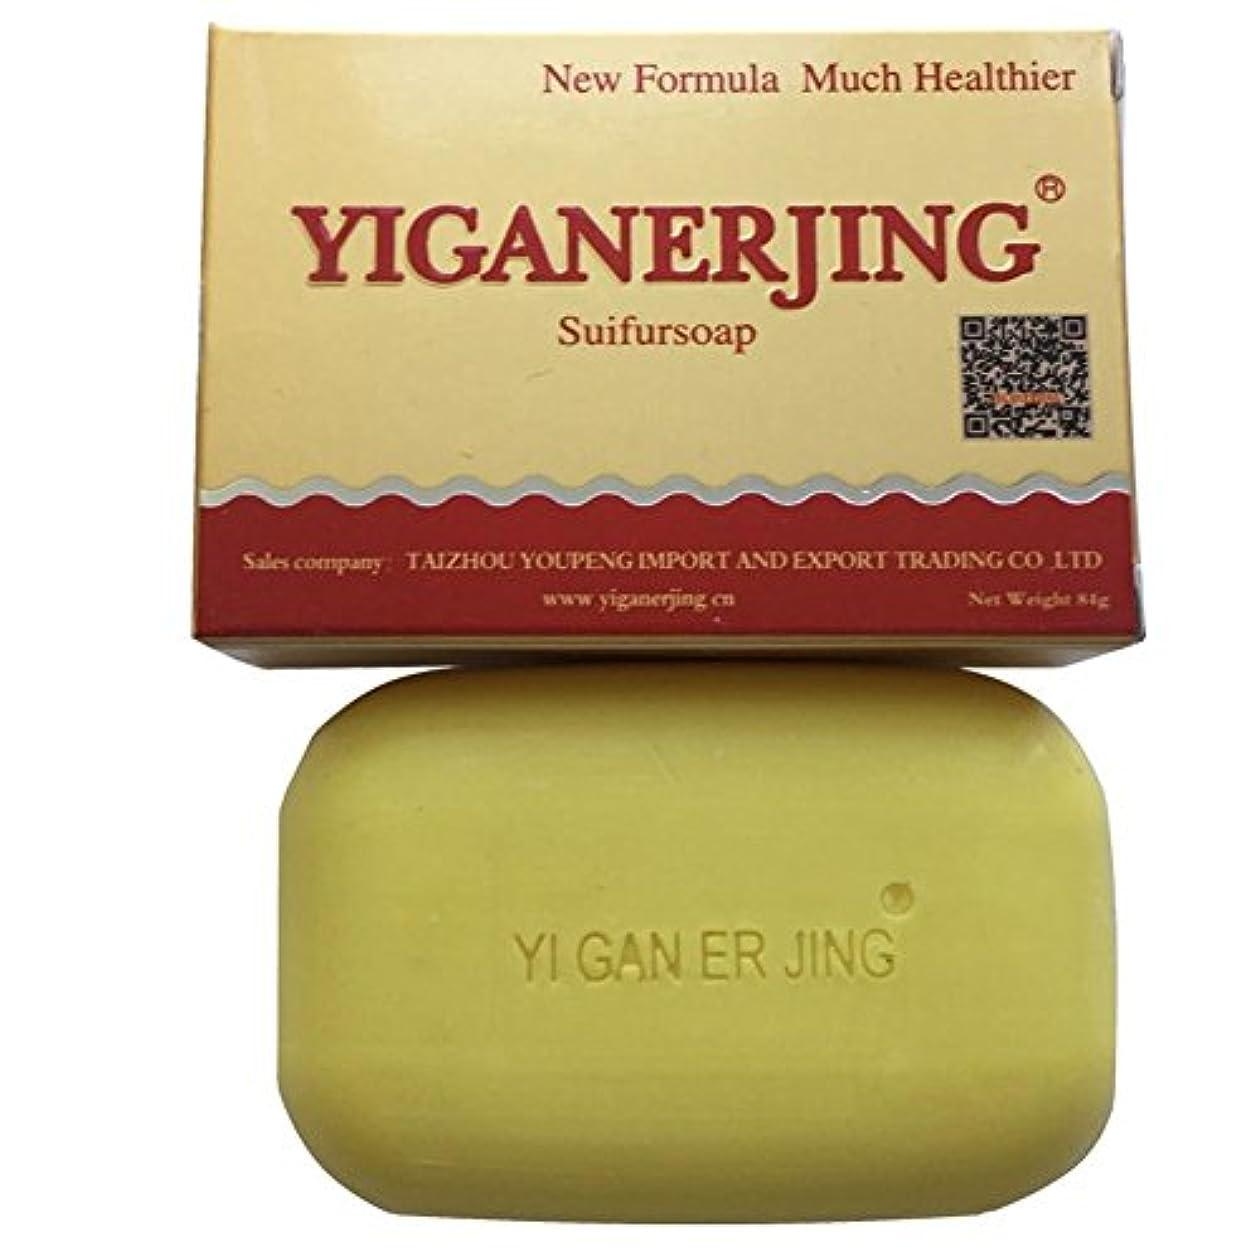 膨らませる切る瞬時に洗颜石鹸 顔ダニ対策 硫黄石鹸 肌の状態を改善する 抗真菌バス美白石けんシャンプー石鹸 洗颜用品 90g